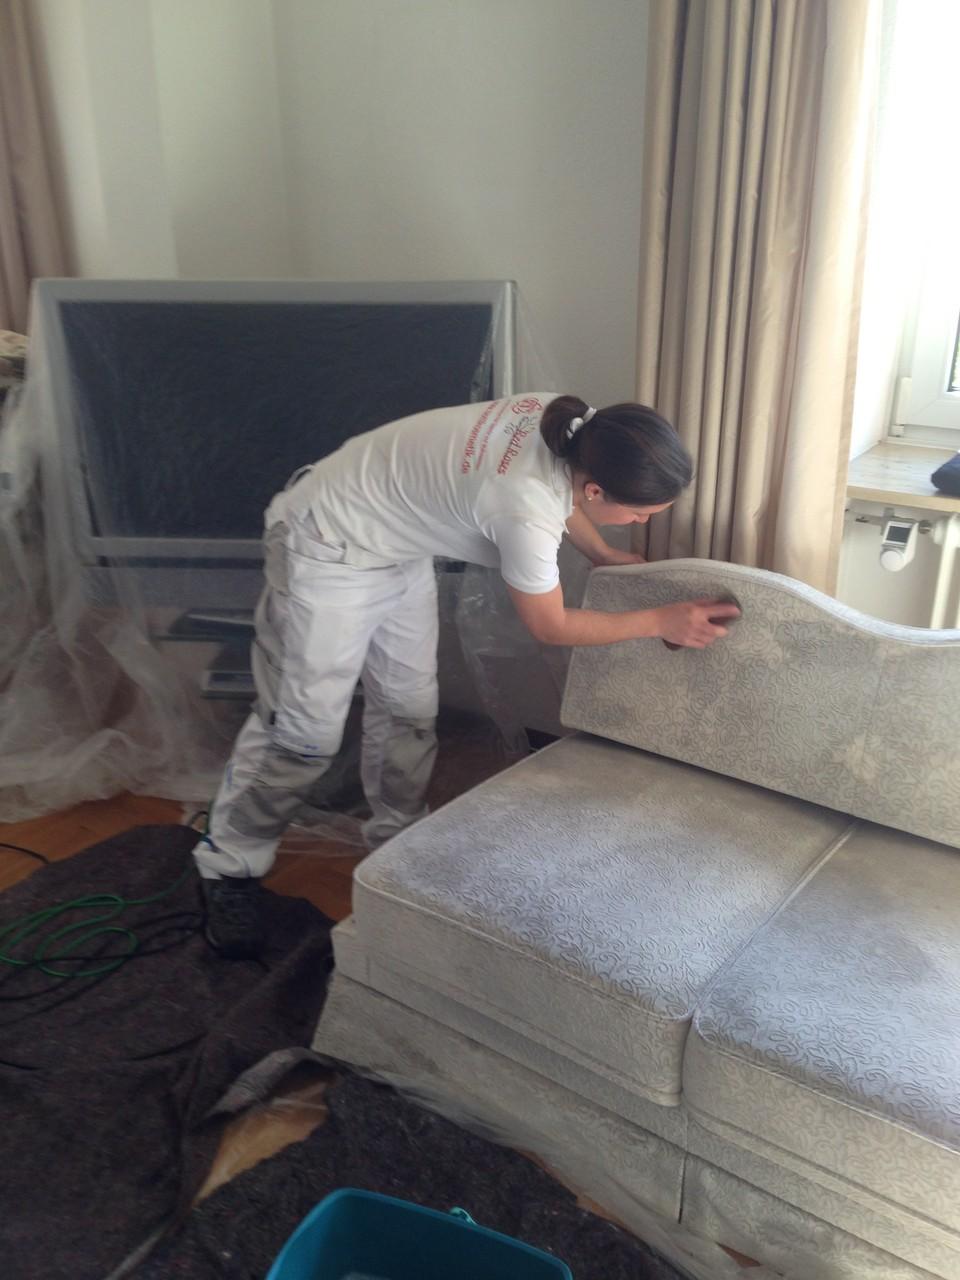 polsterreinigung bio clean roses textilkosmetik teppichreinigung. Black Bedroom Furniture Sets. Home Design Ideas